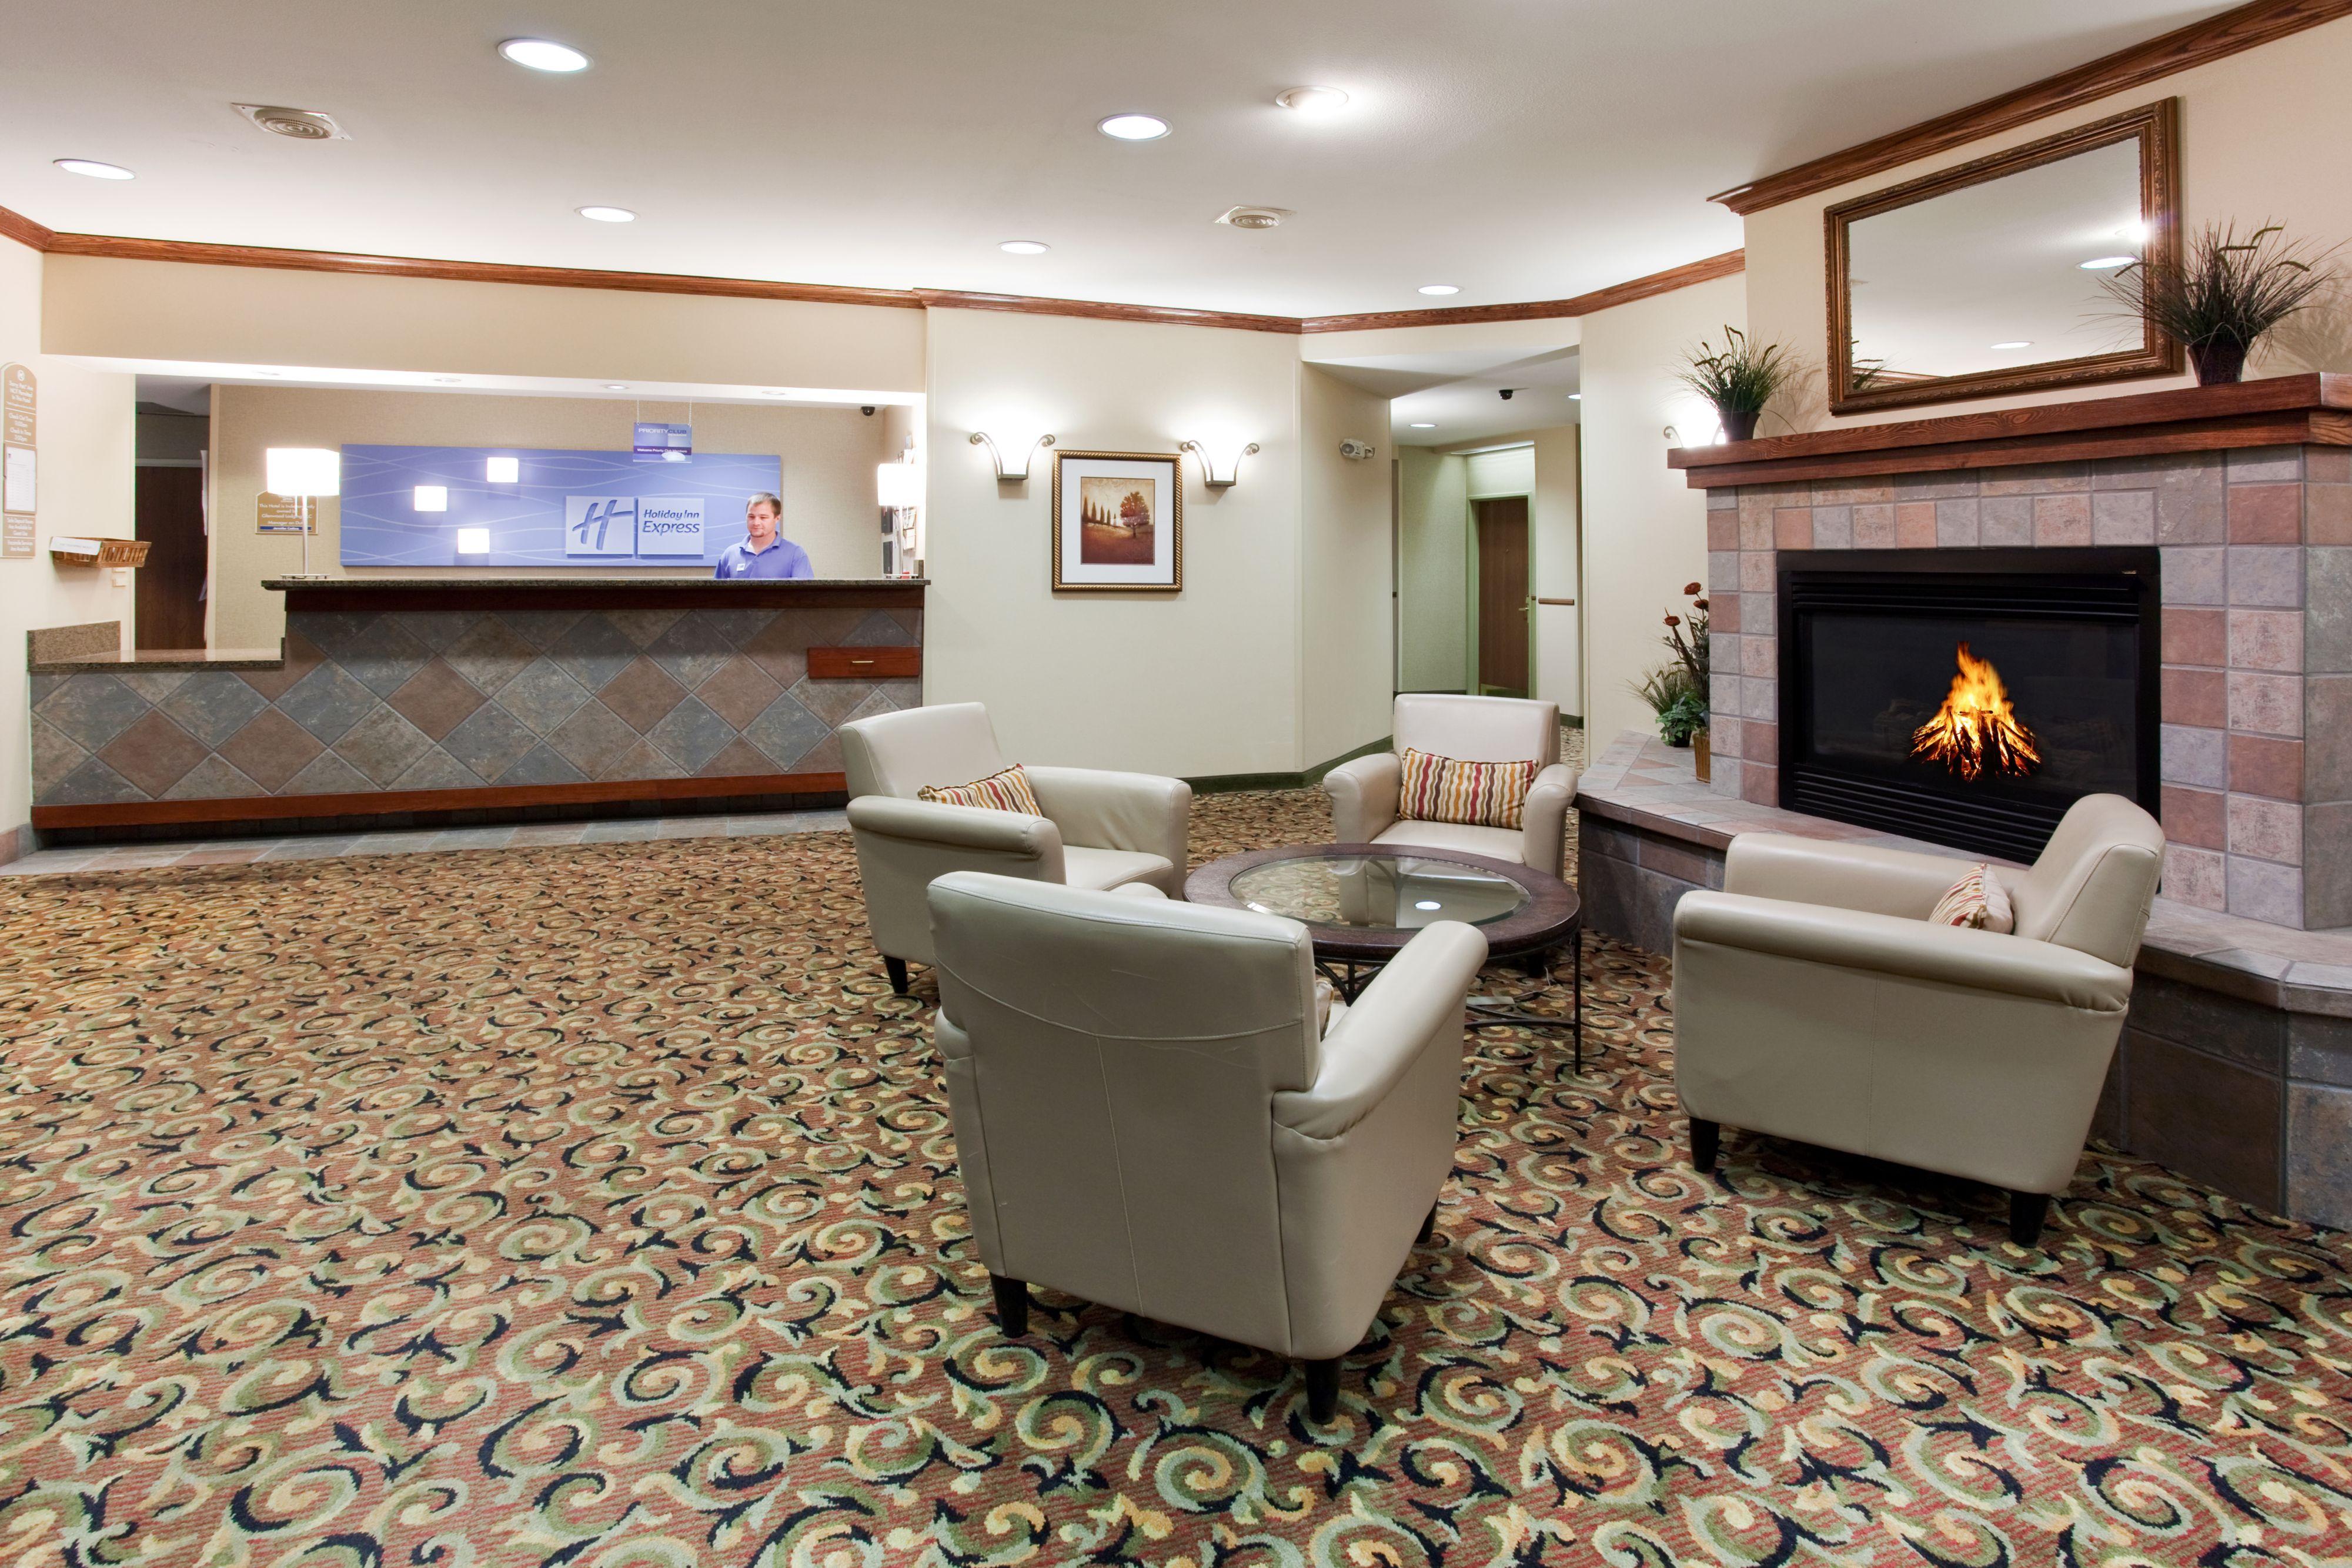 Holiday Inn Express Glenwood Springs (Aspen Area) image 5